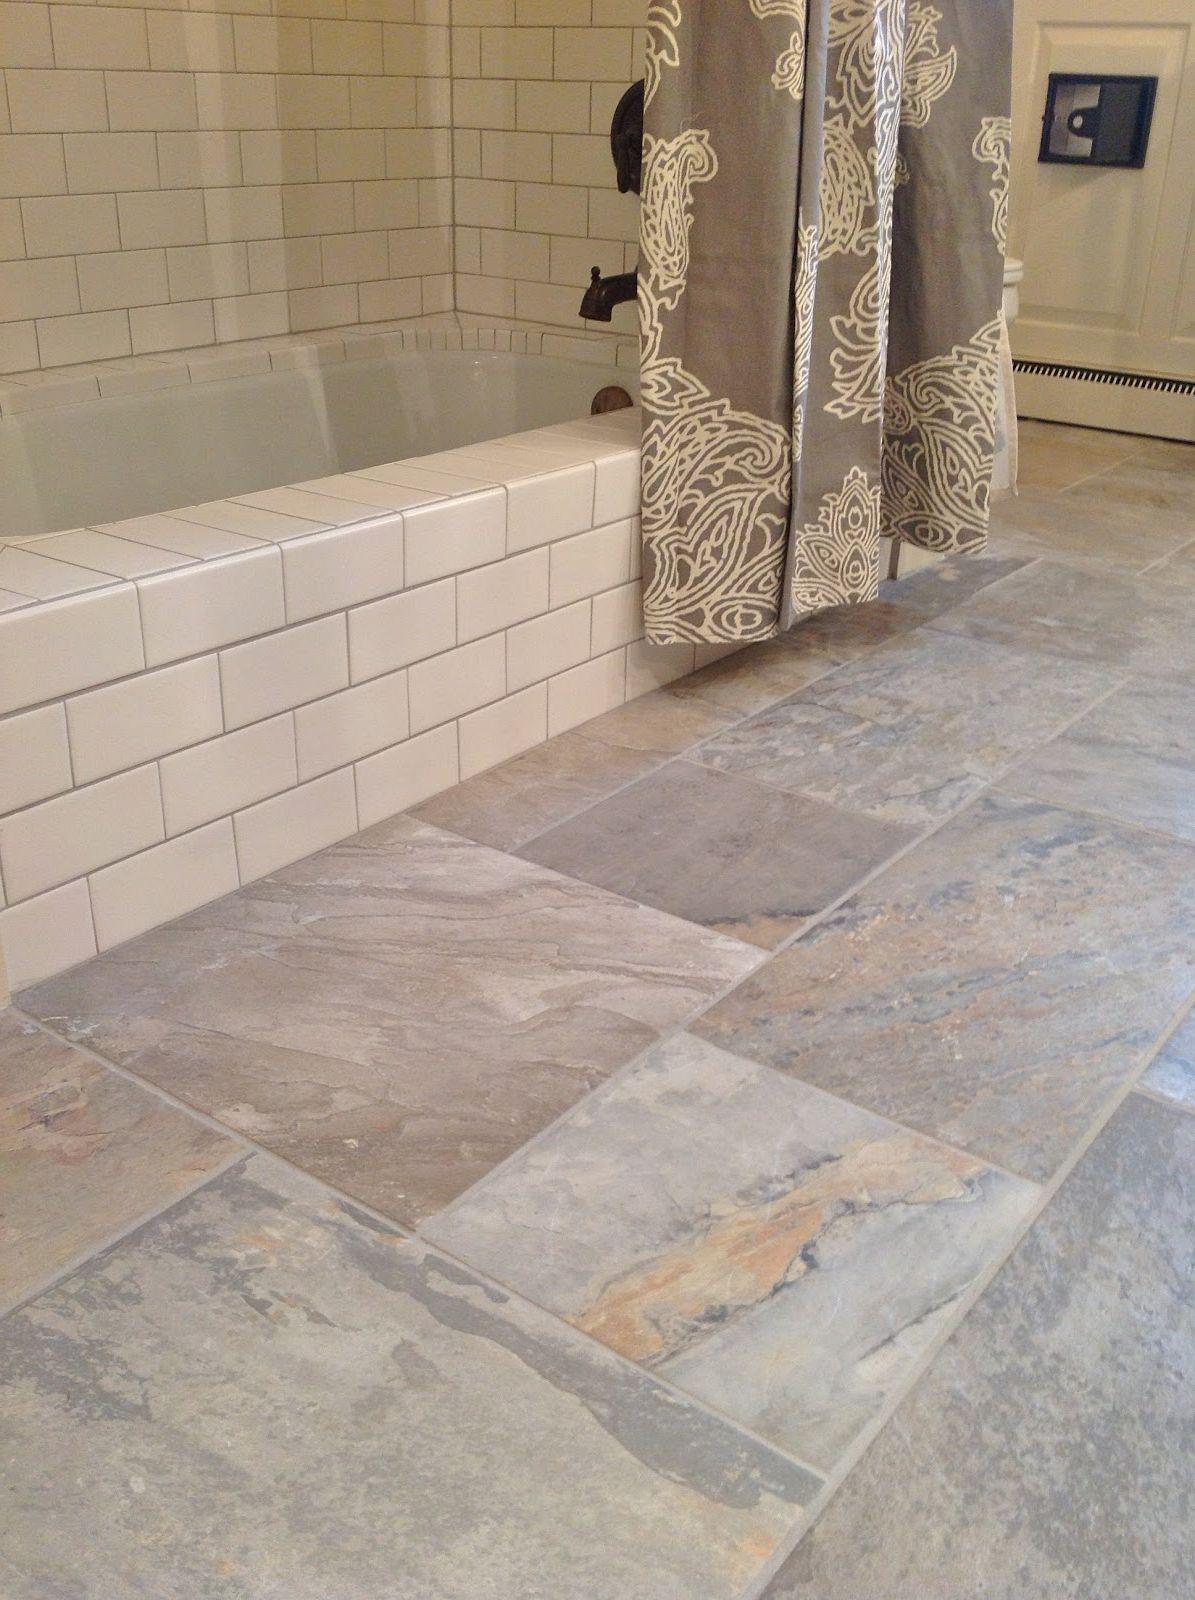 30 good ideas and pictures classic bathroom floor tile ... on Farmhouse Tile Bathroom Floor  id=85350